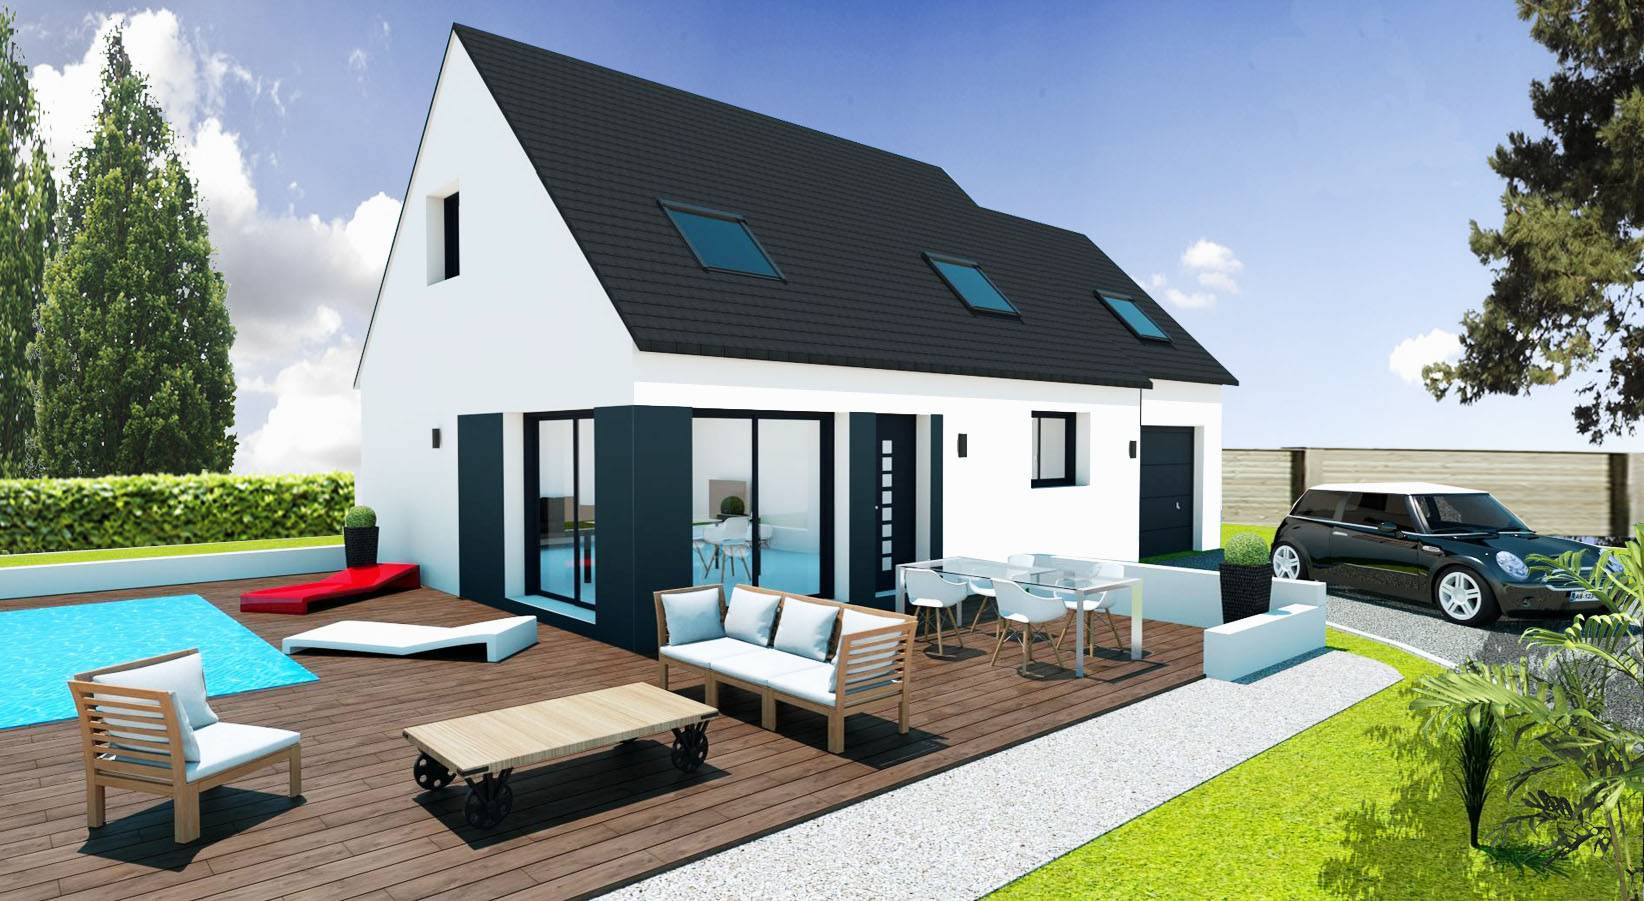 Votre maison en 3d avec les maisons pep 39 s maisons pep 39 s for Construire sa cuisine en 3d